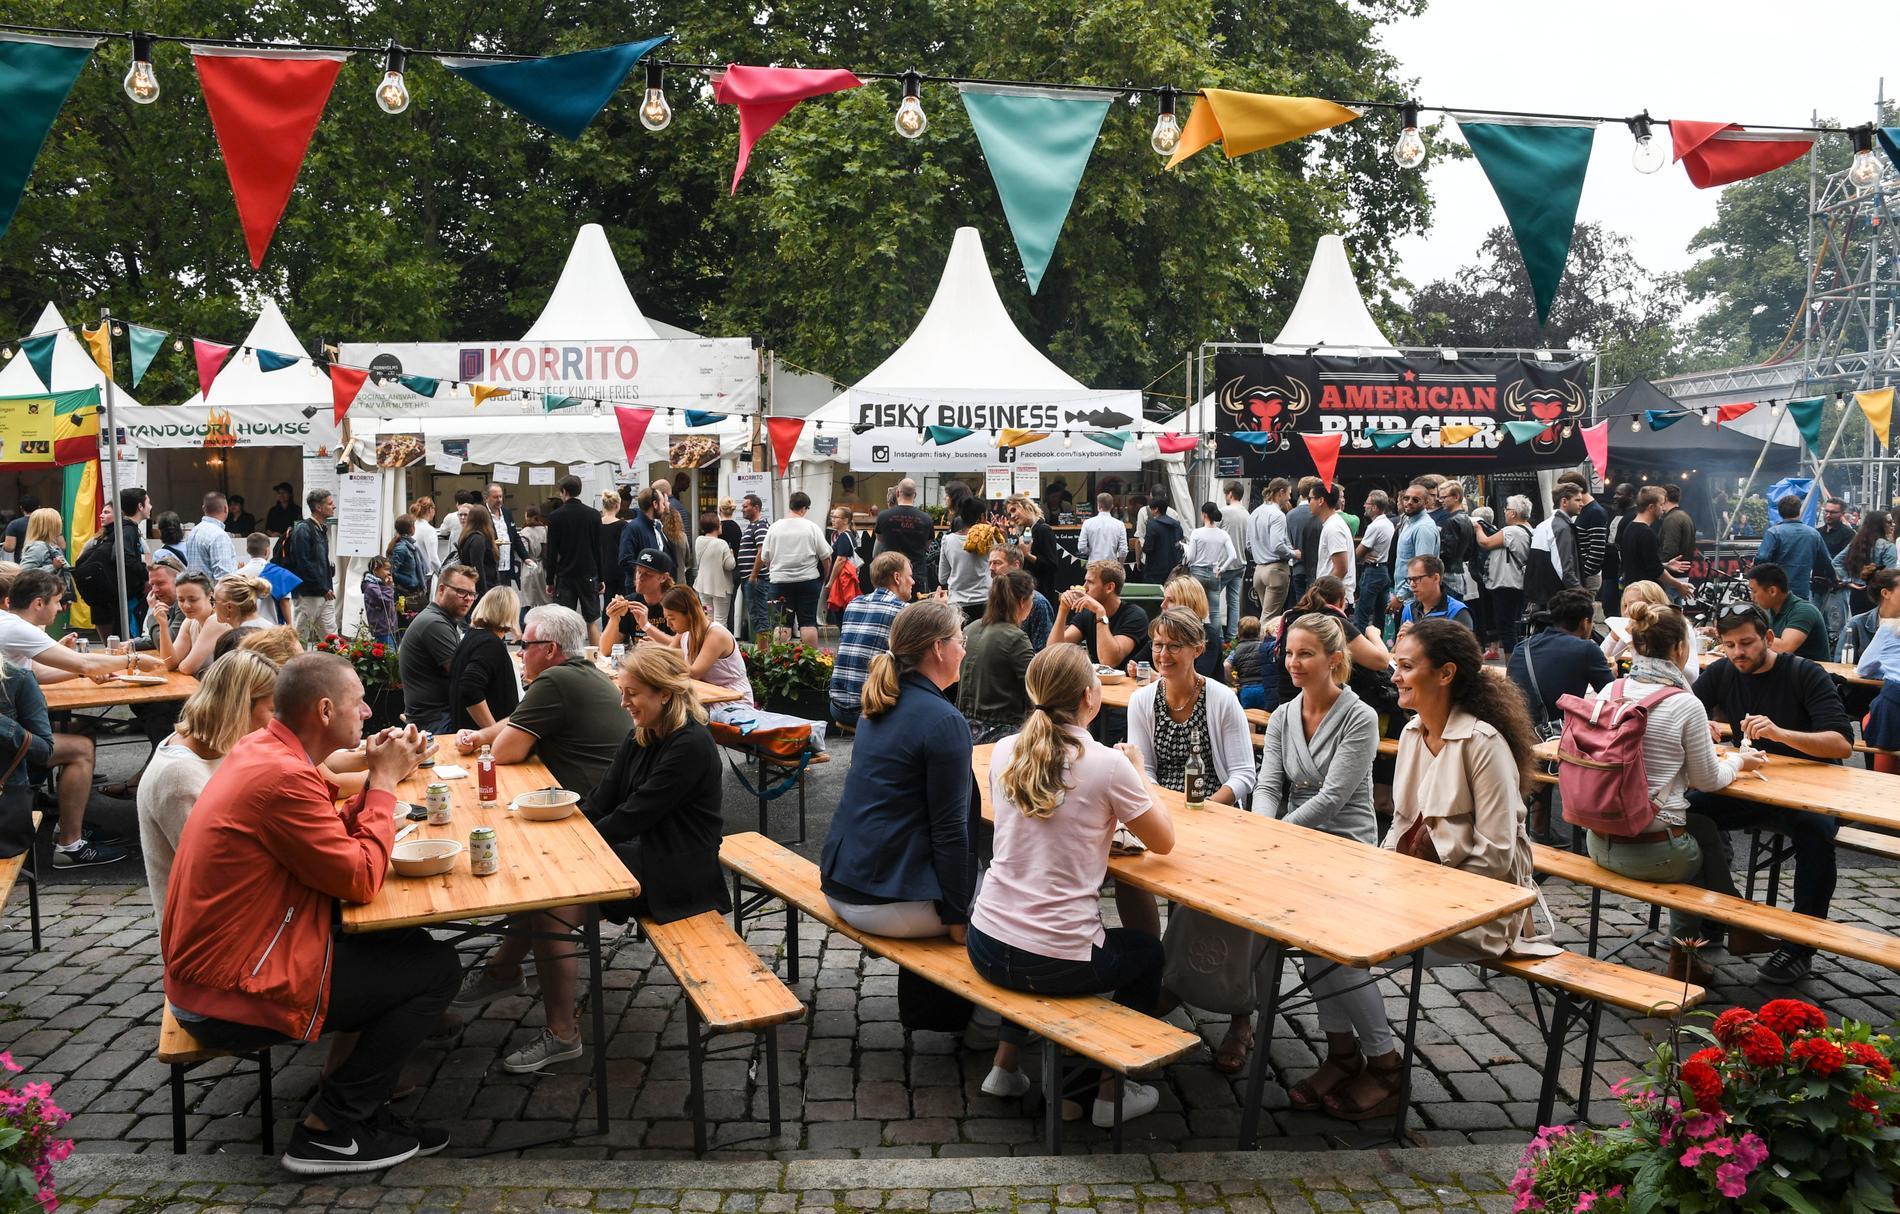 Stortorget 2017. Mattälten är alltid ett populärt inslag på Malmöfestivalen. I år kommer det att se annorlunda ut.